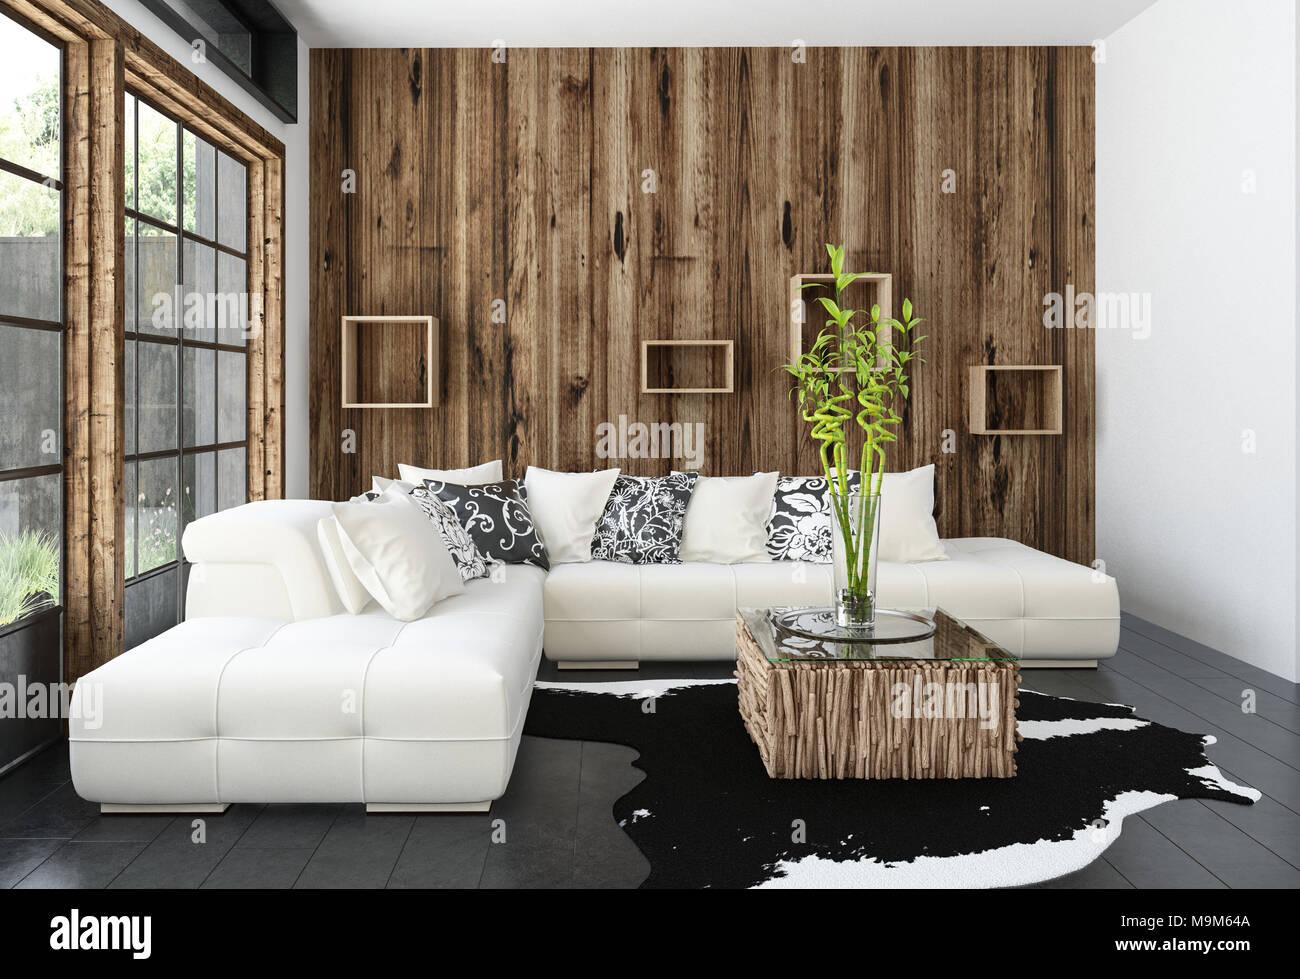 Moderno e rustico ed accogliente soggiorno con rivestimento in legno ...